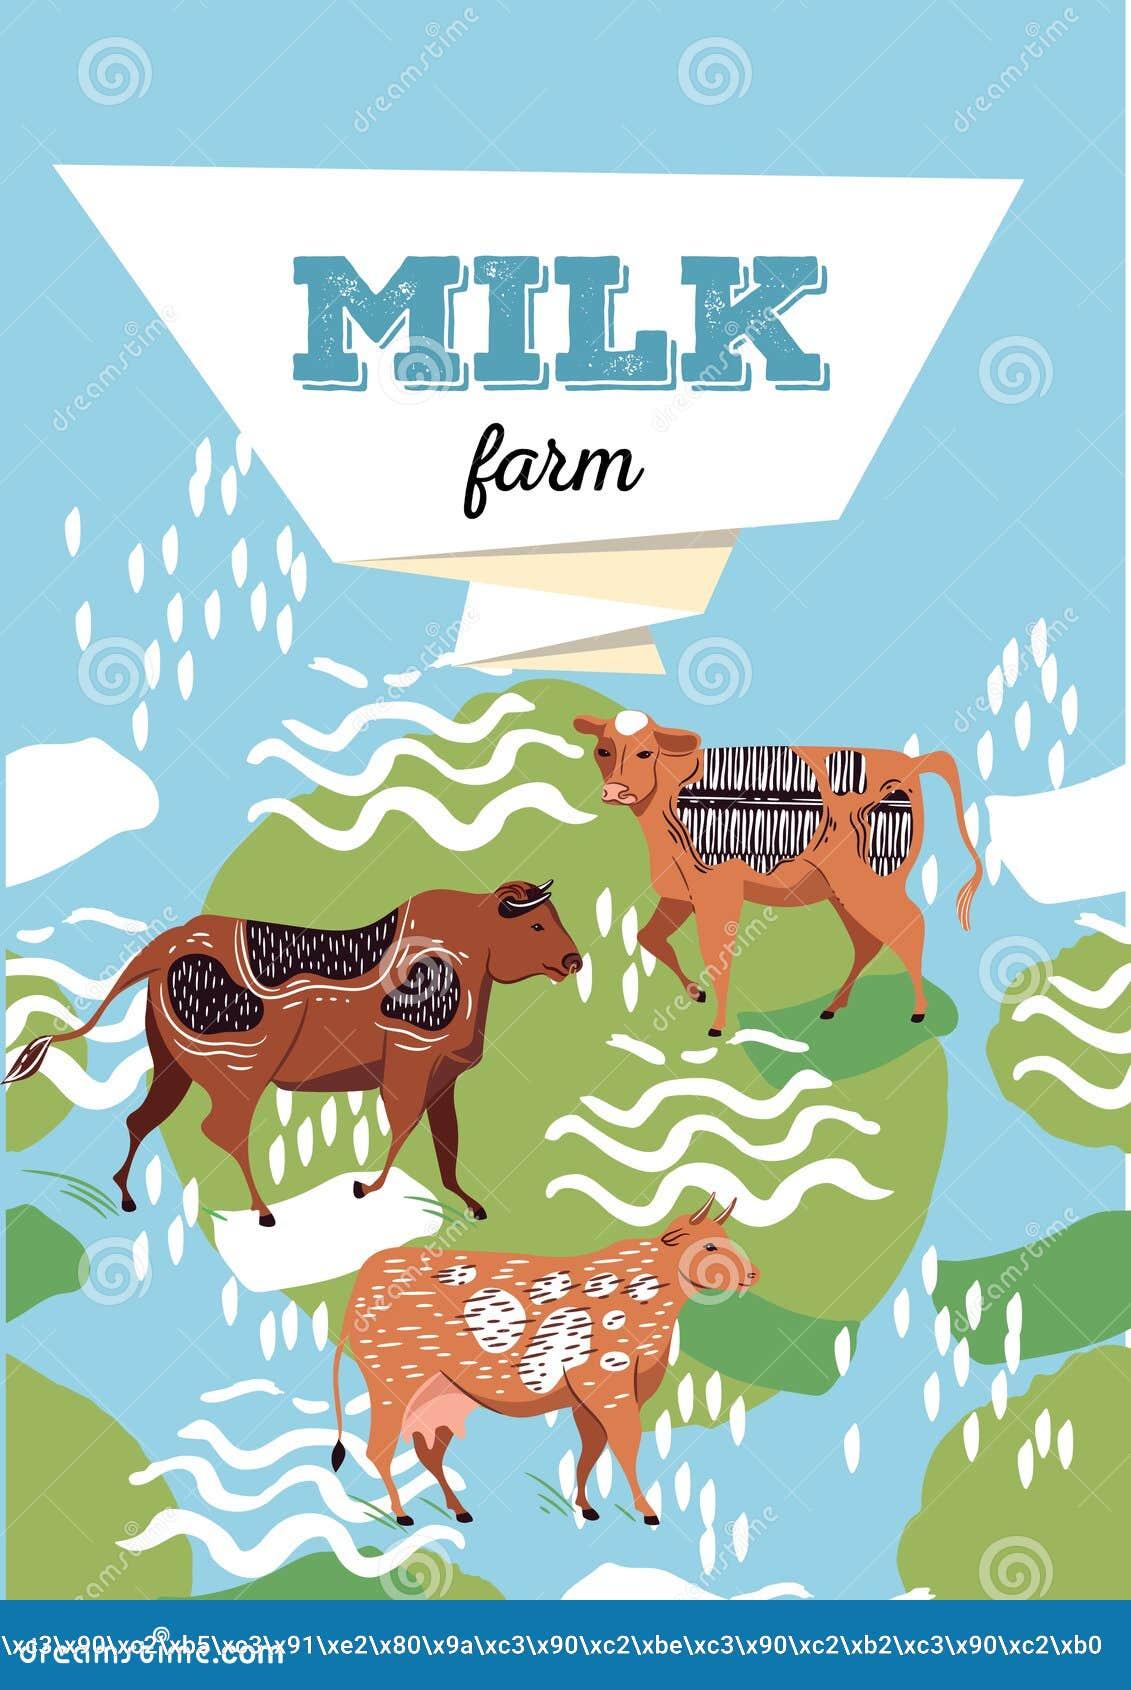 Аграрный дизайн плана брошюры Пример фона для скотоводческого хозяйства Геометрический состав o